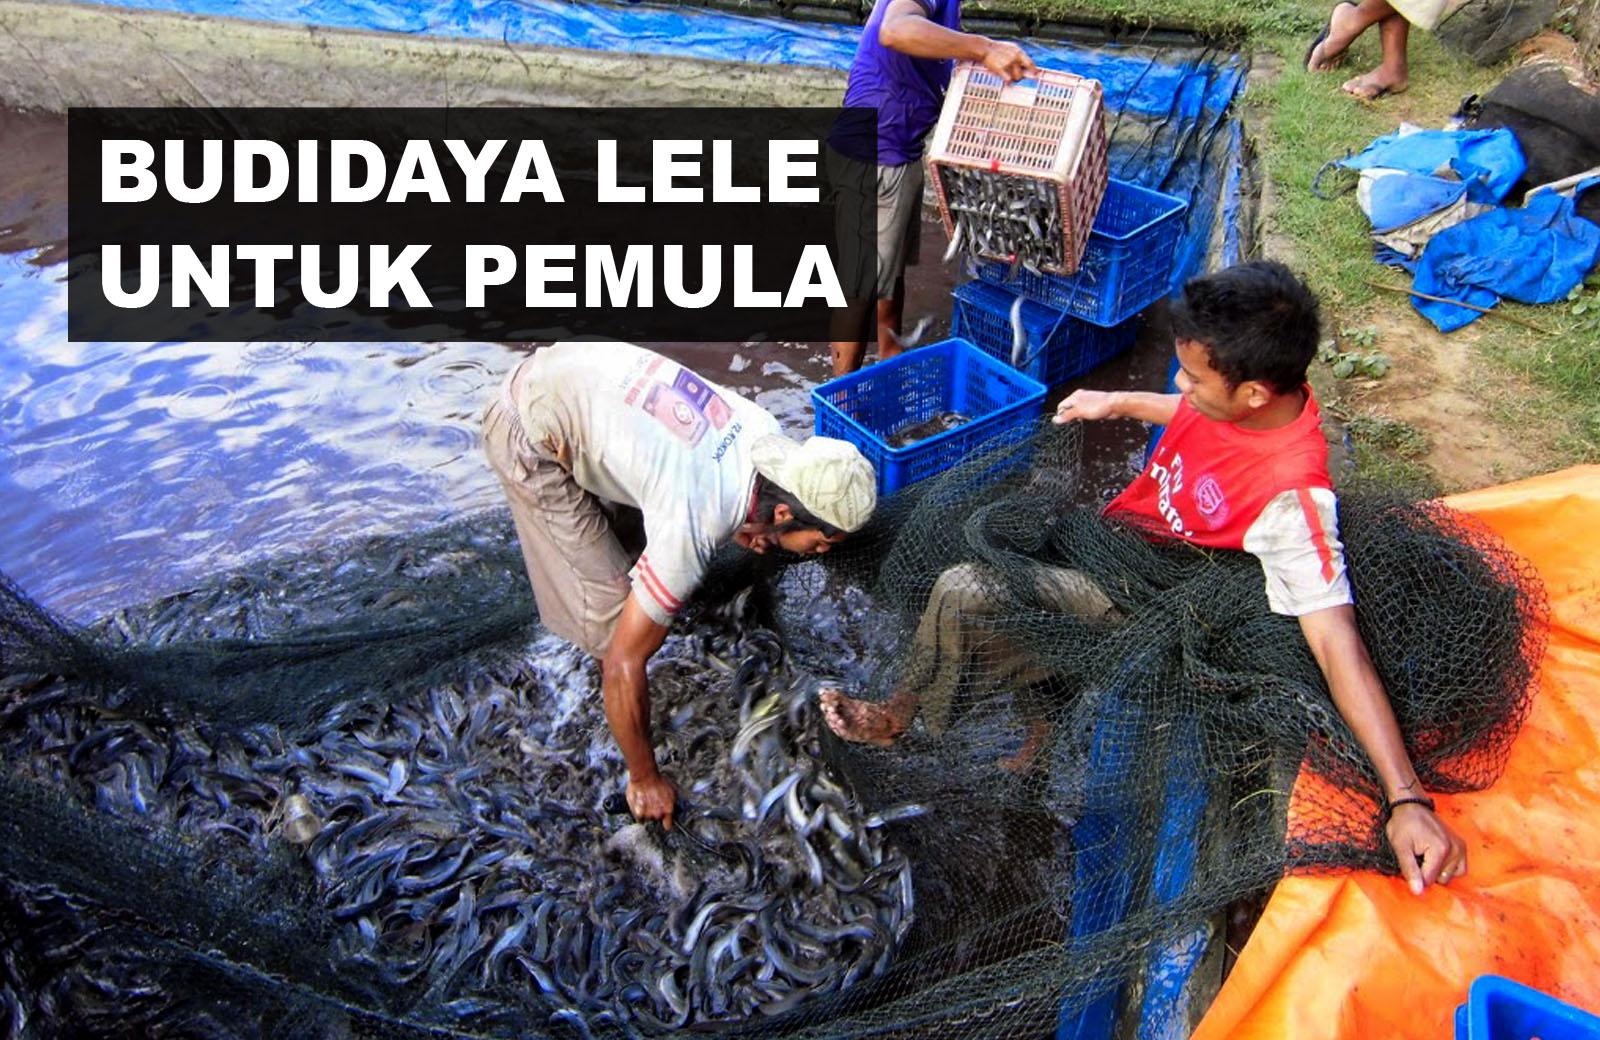 Cara Budidaya (Ternak) Ikan Lele Untuk Pemula - WAKWUK